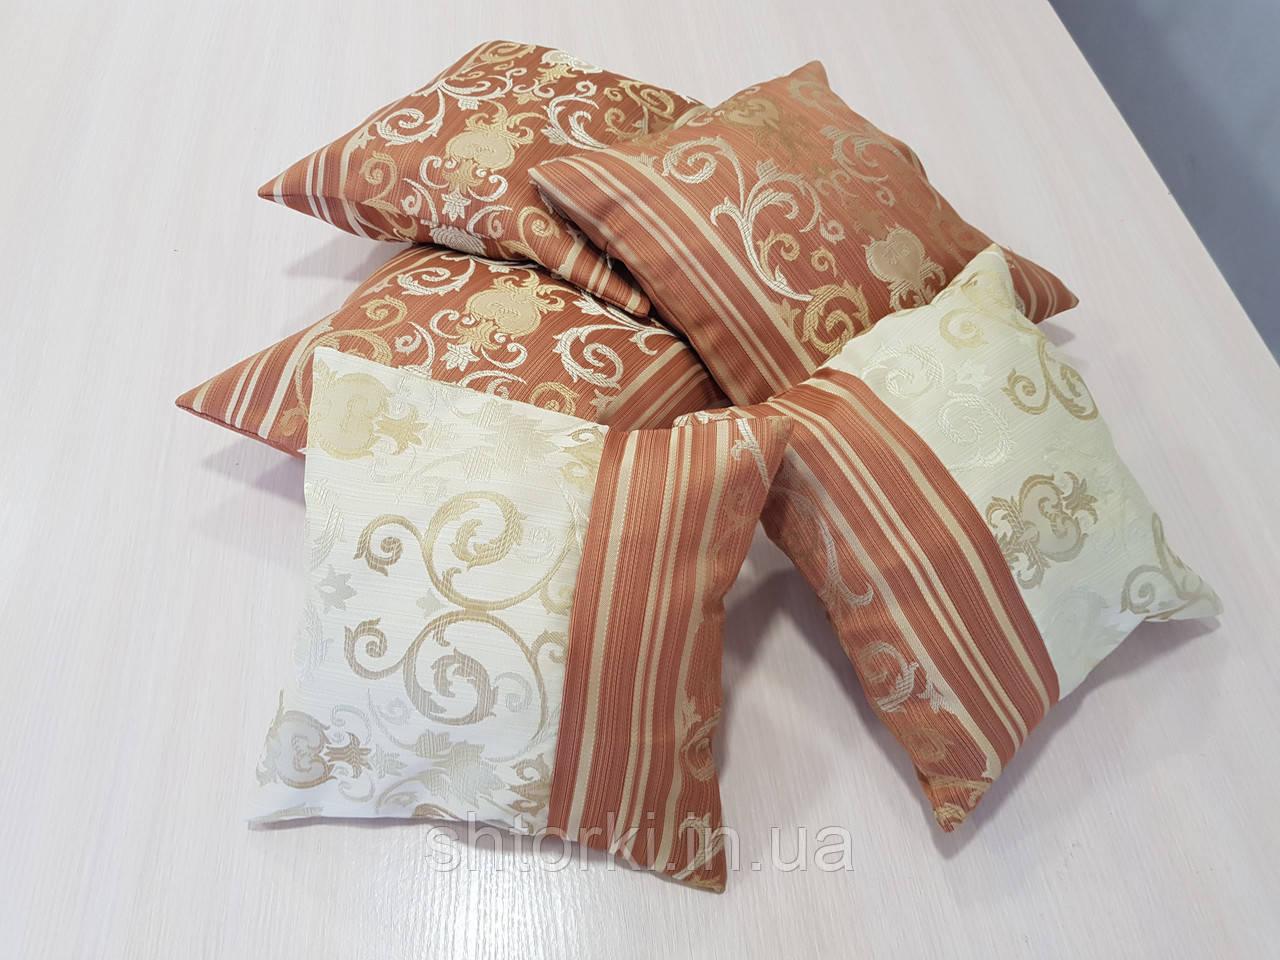 Комплект подушек NANCY комбинированные,5шт